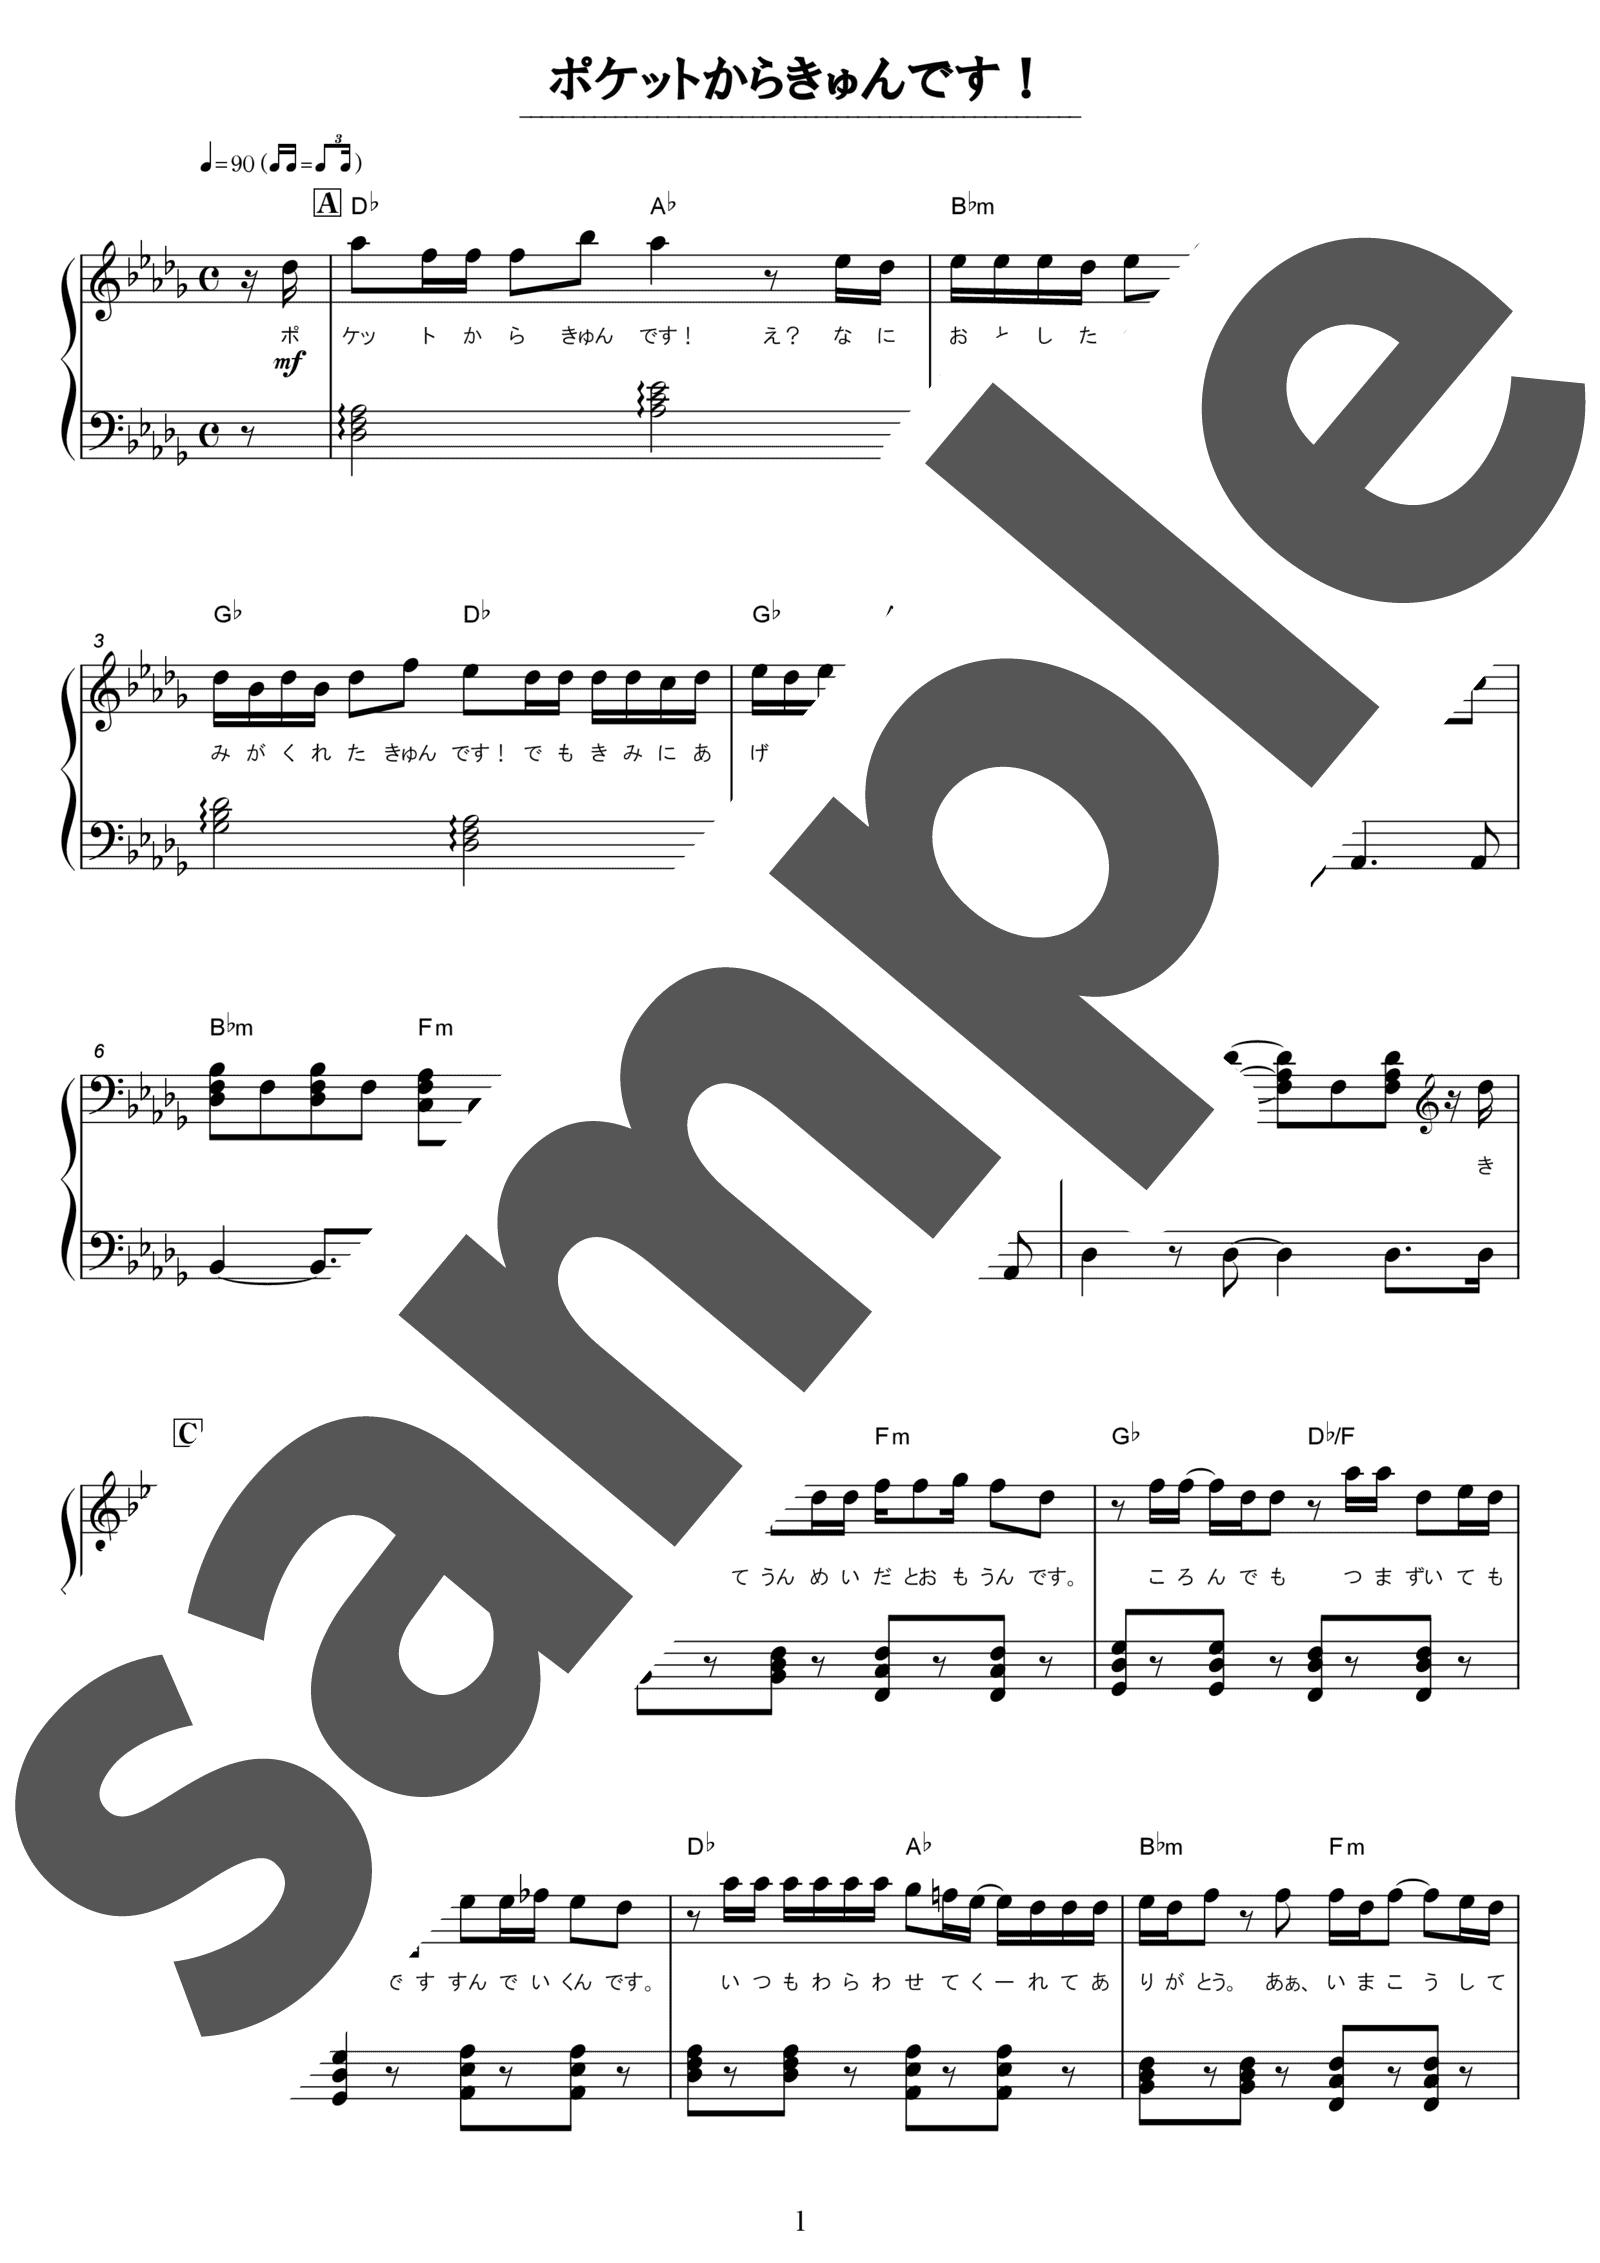 「ポケットからきゅんです!」のサンプル楽譜